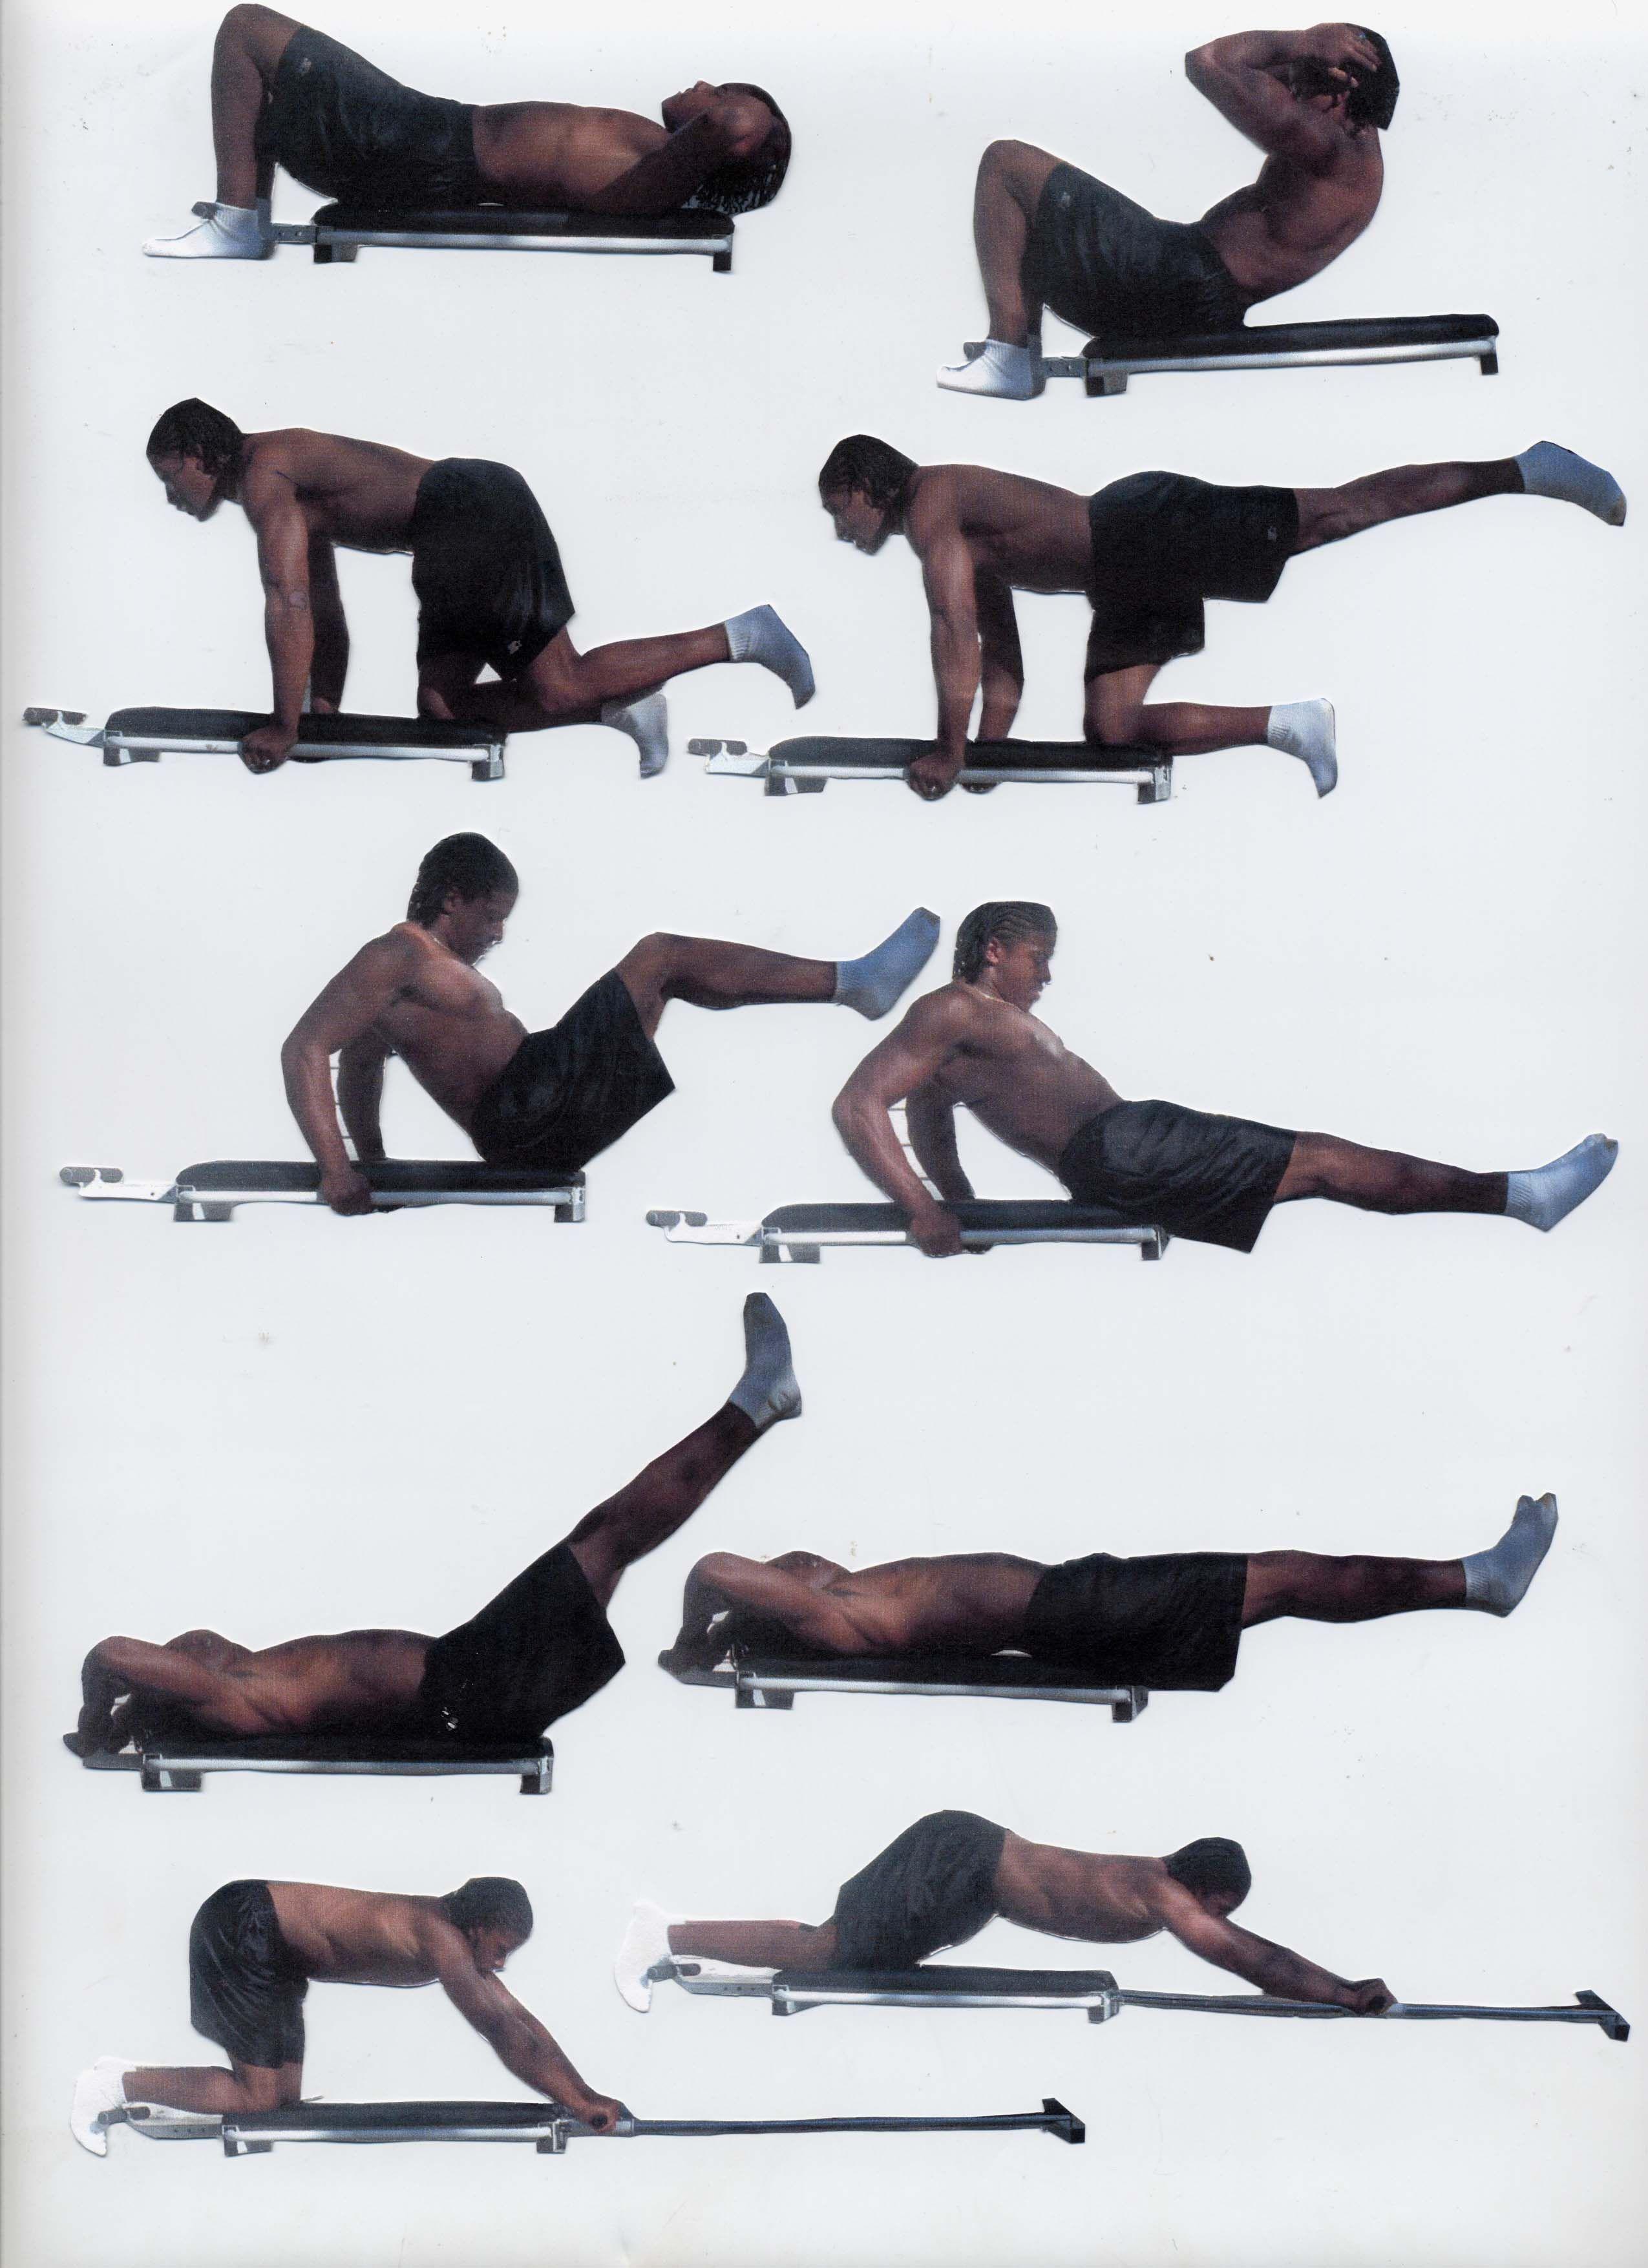 фото с упражнениями убрать живот и бока поэтому можно